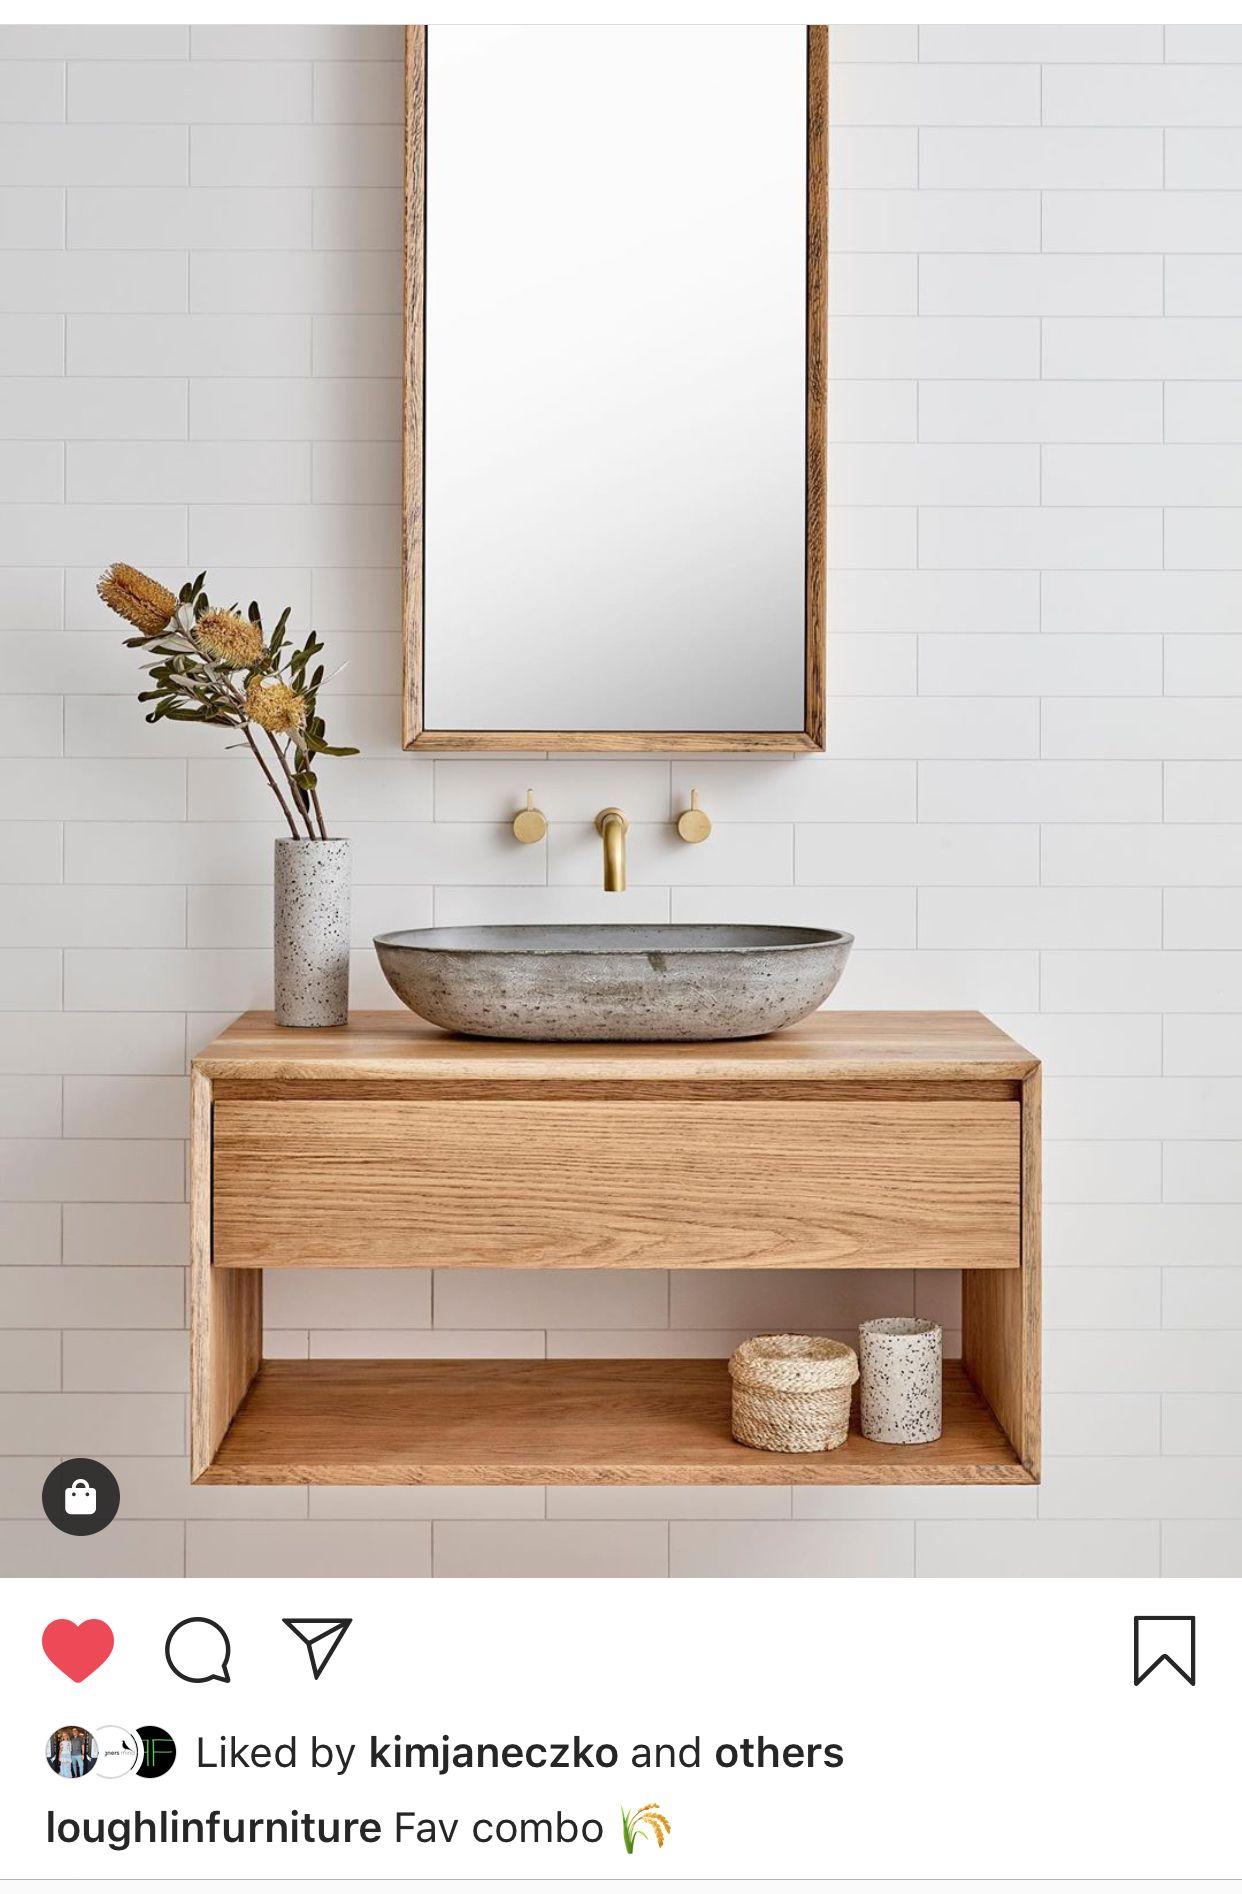 Loughlin Combo Love Bathroom Bathroom Vanity Ensuite